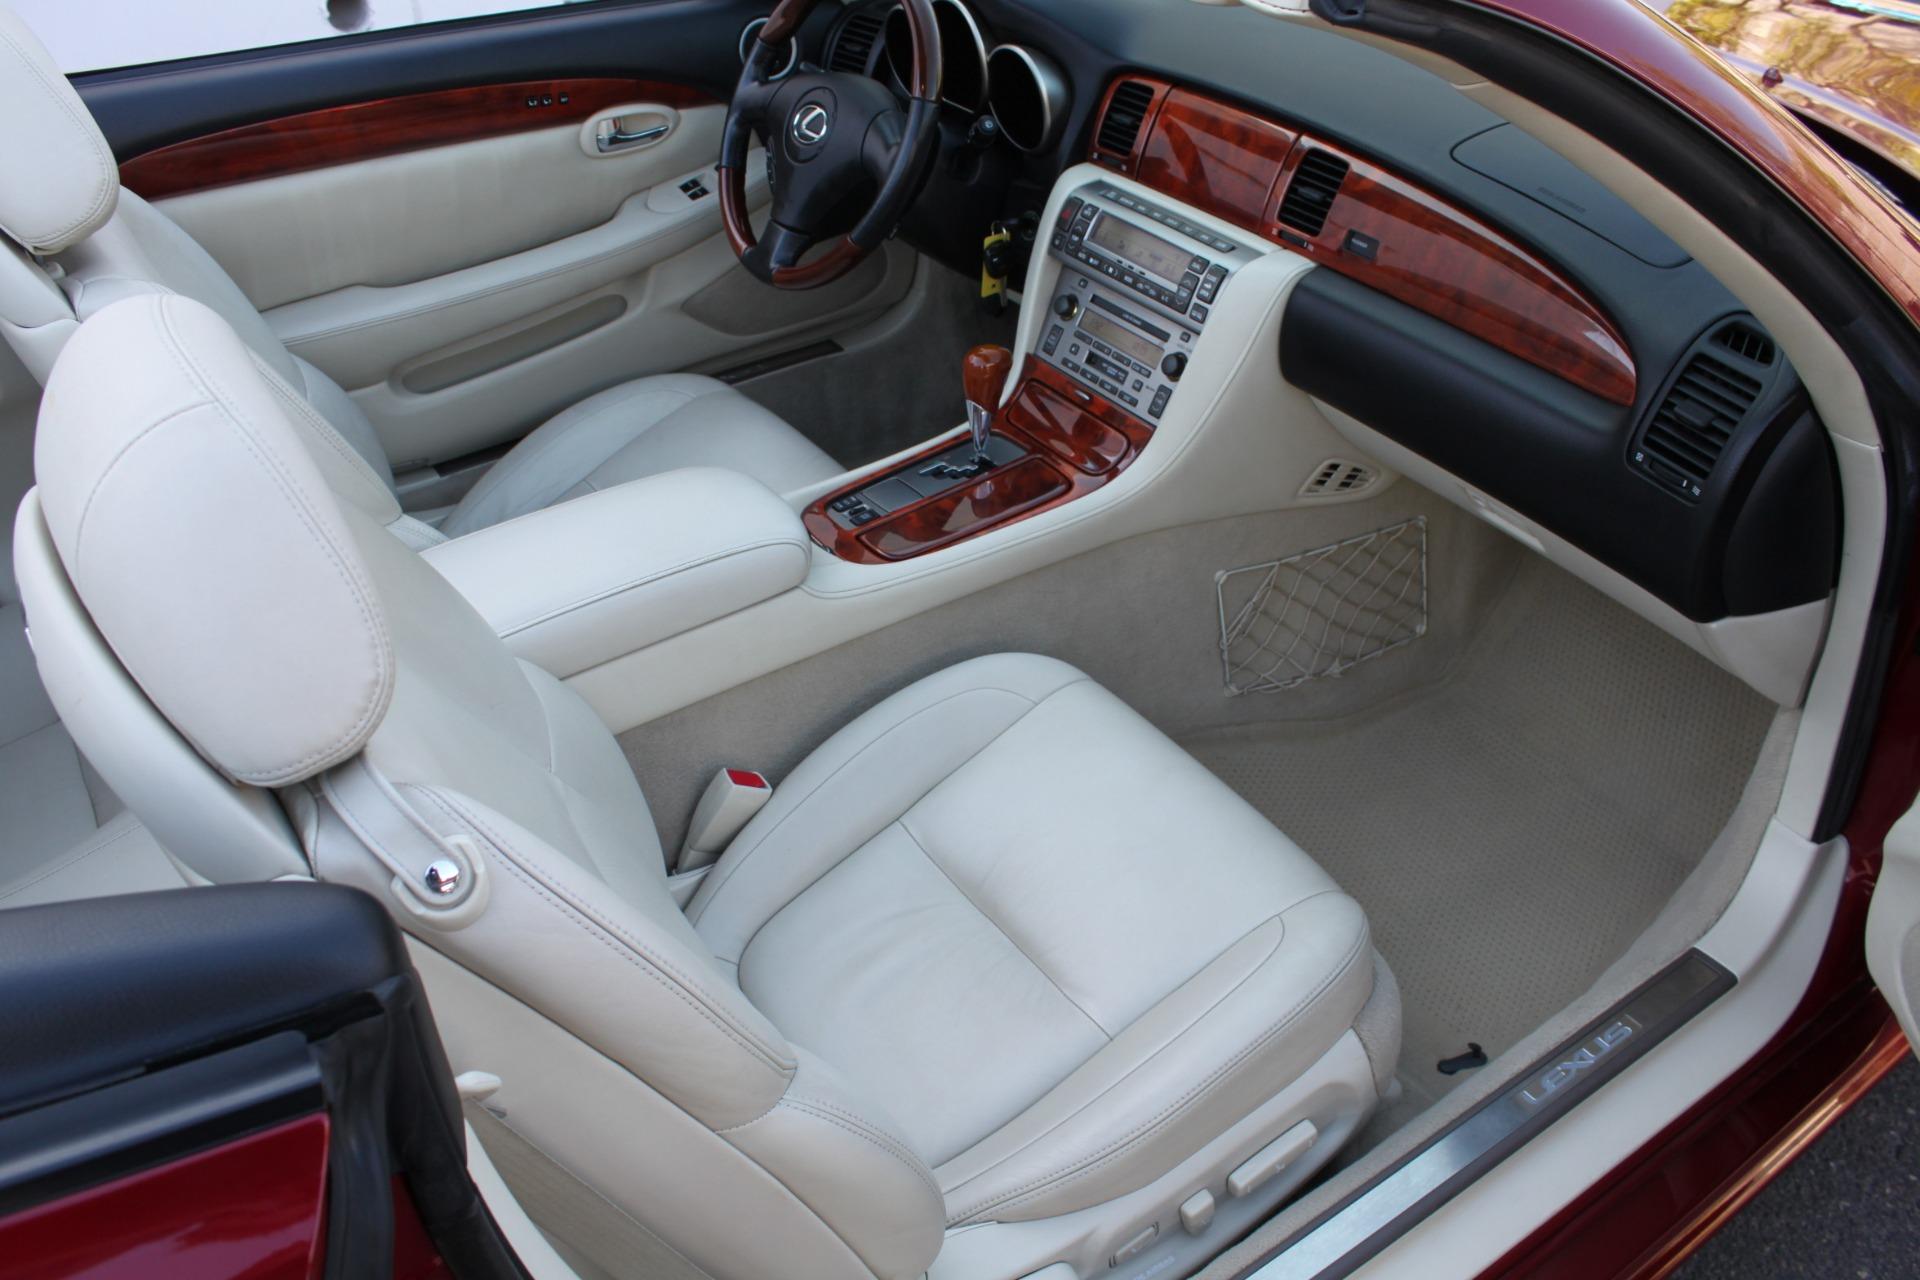 Used-2006-Lexus-SC-430-BMW